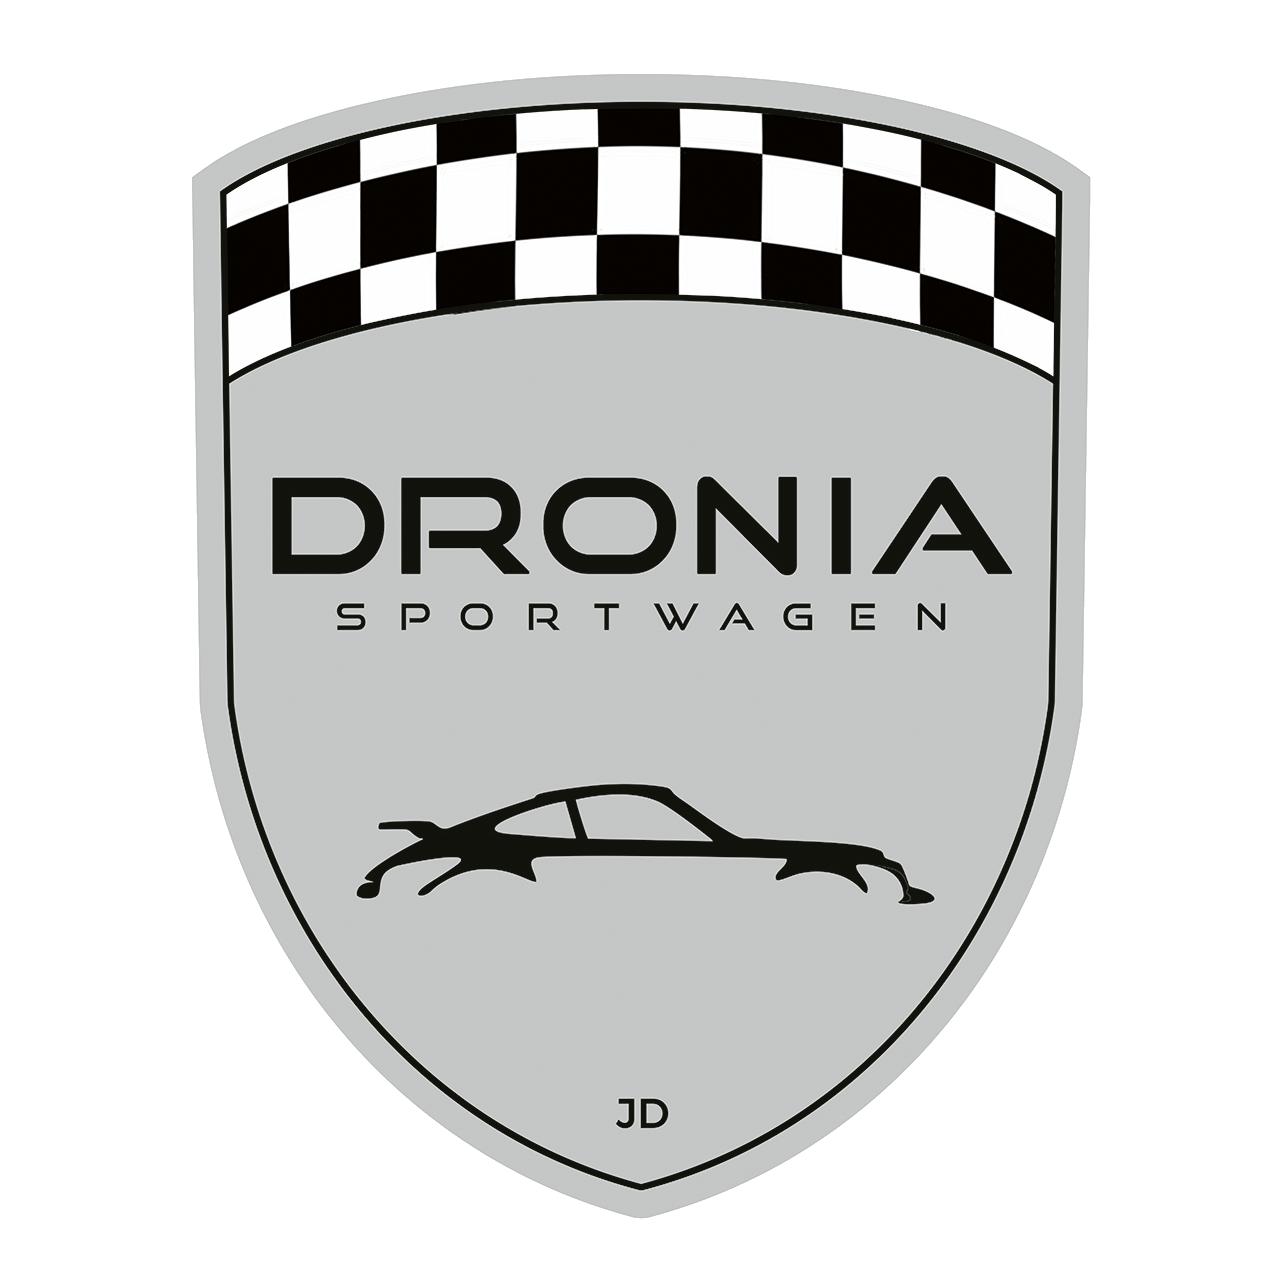 Instandsetzung & Revision Dronia Sportwagen Porsche Werkstatt